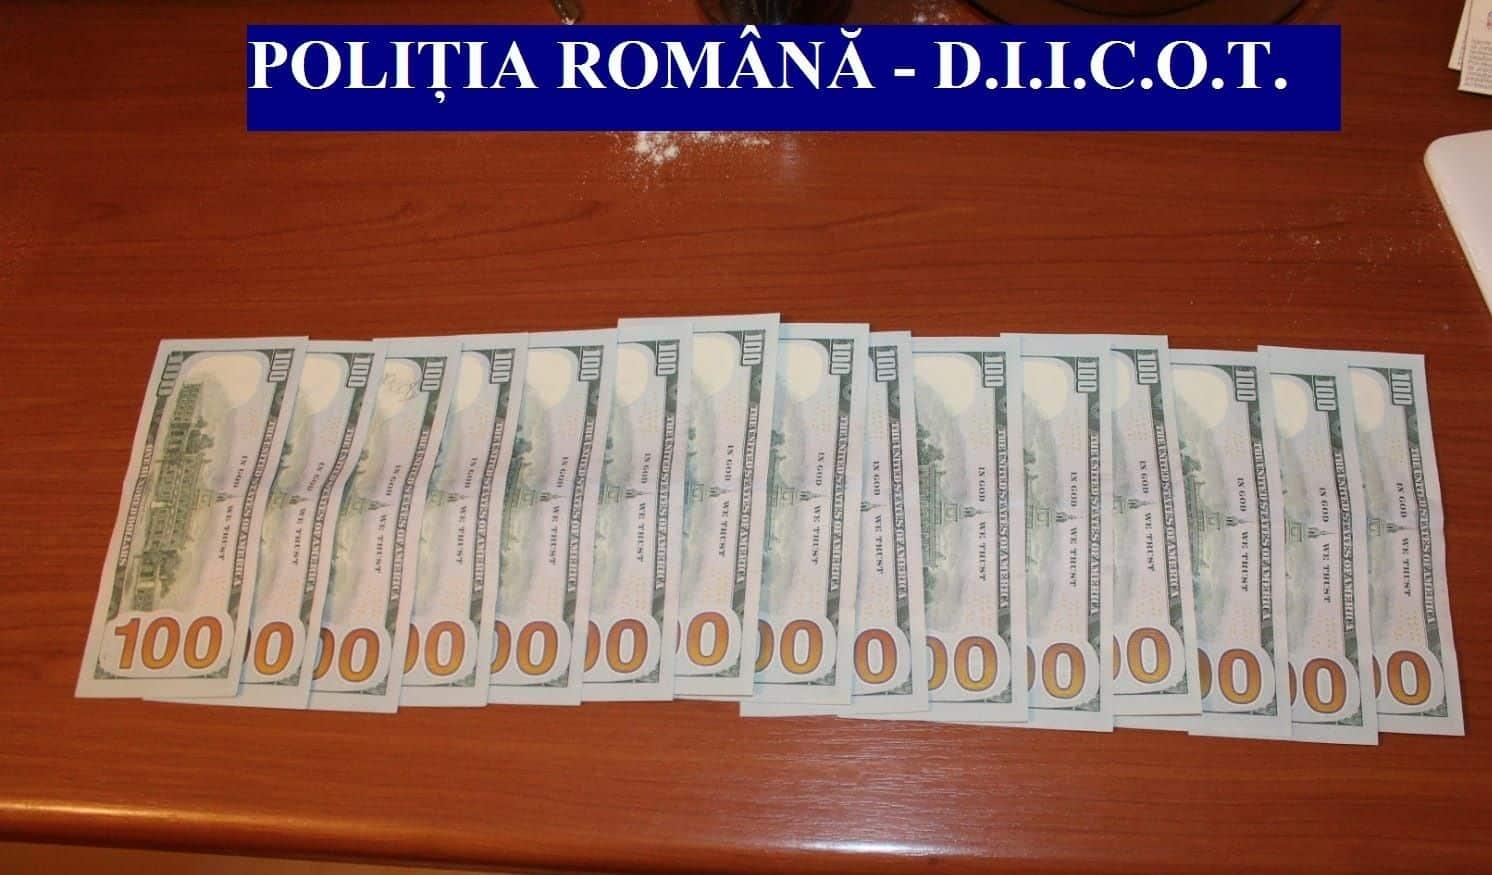 bani prostitutie